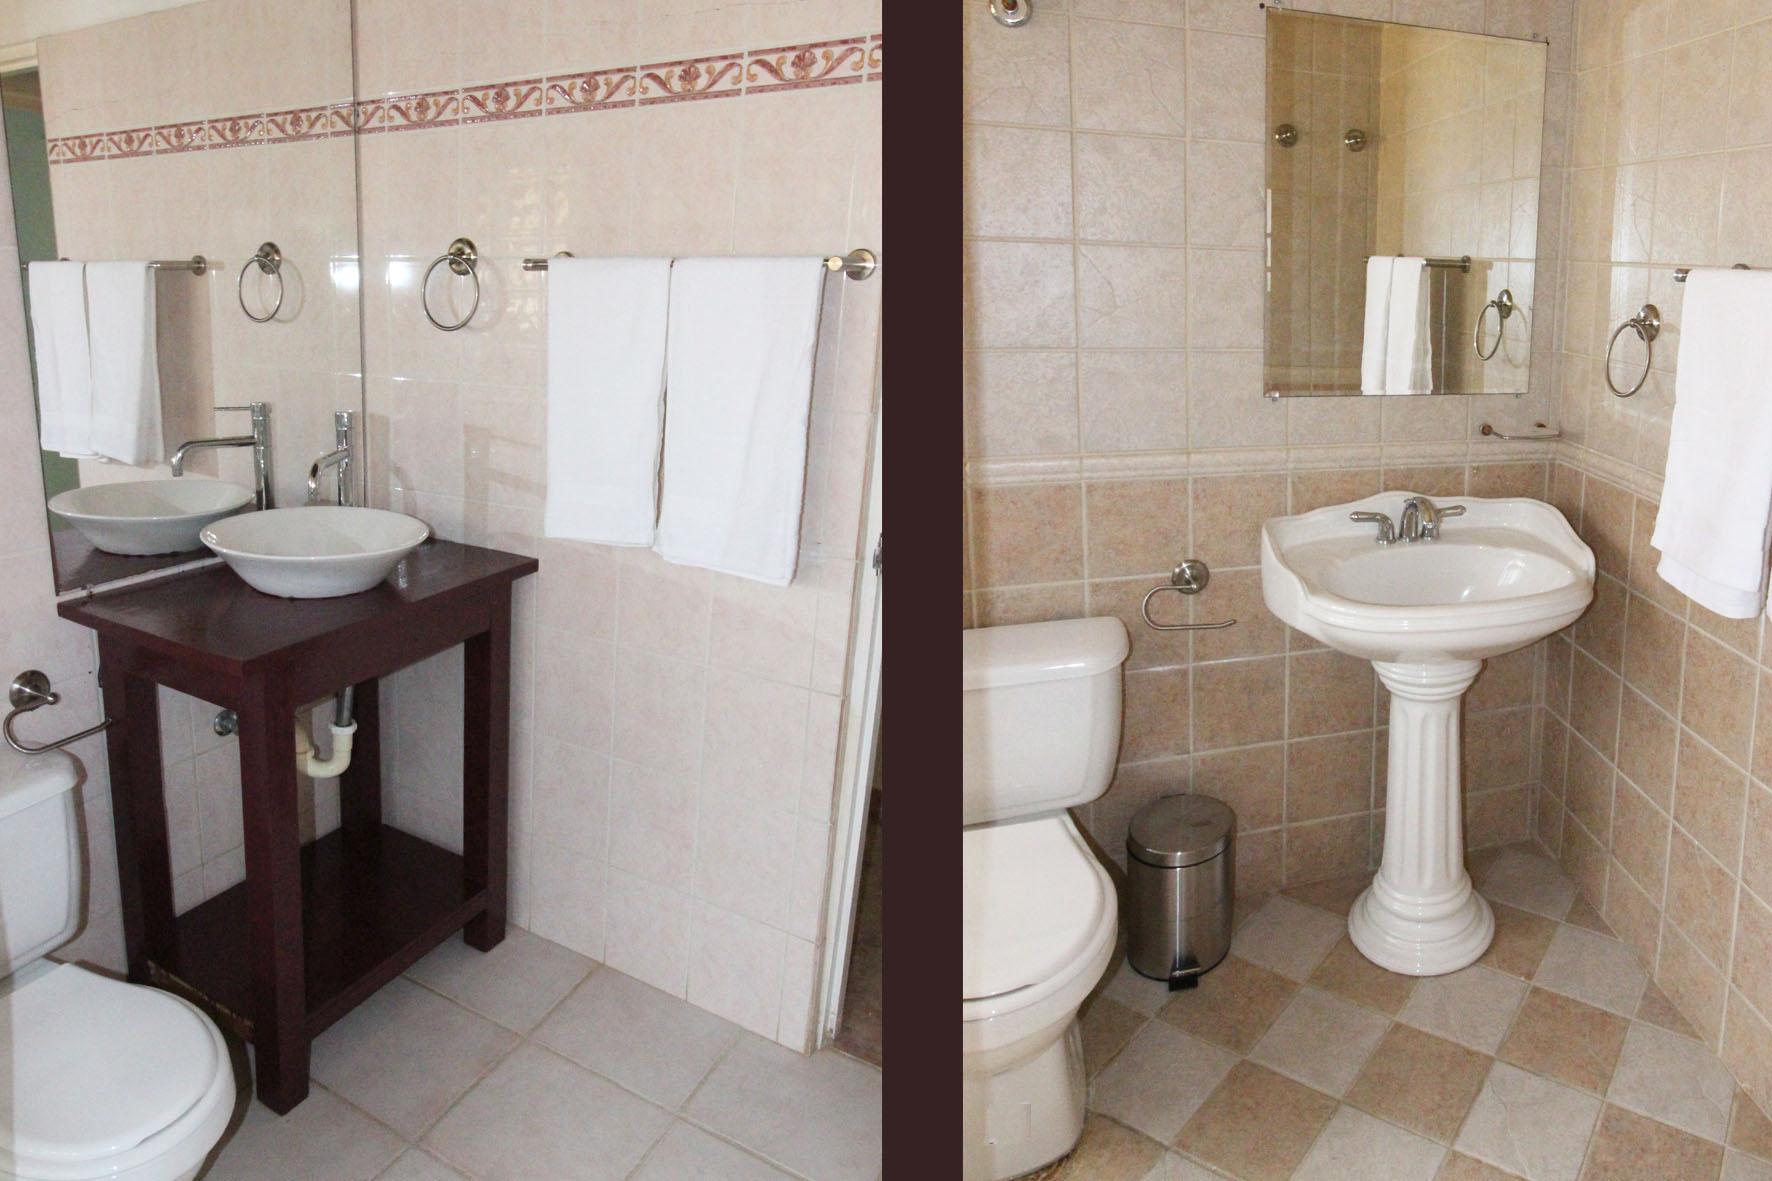 Casa Galpy Bathrooms 1 & 2